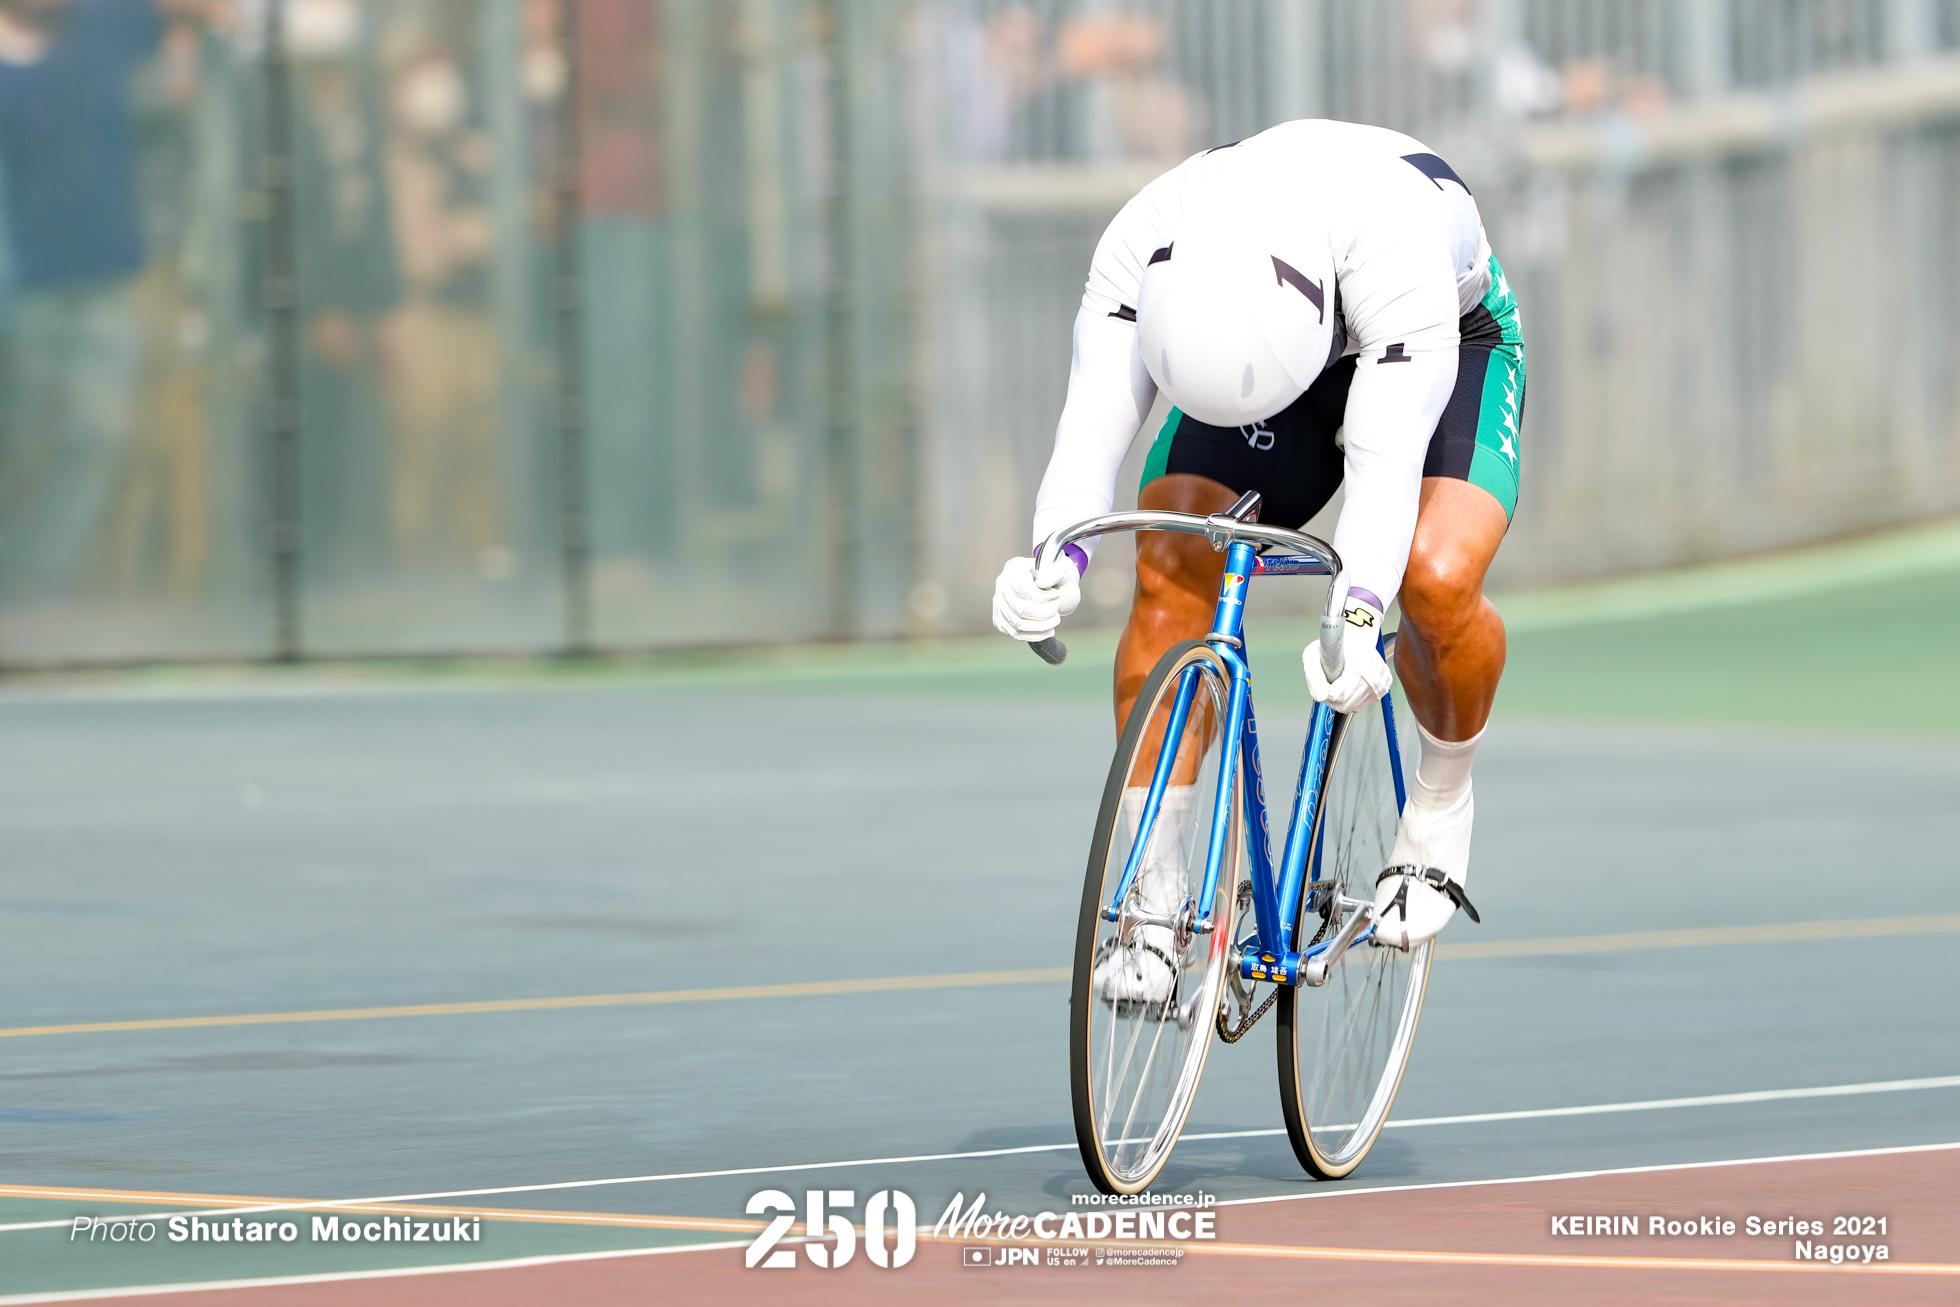 犬伏湧也, 競輪ルーキーシリーズ2021名古屋